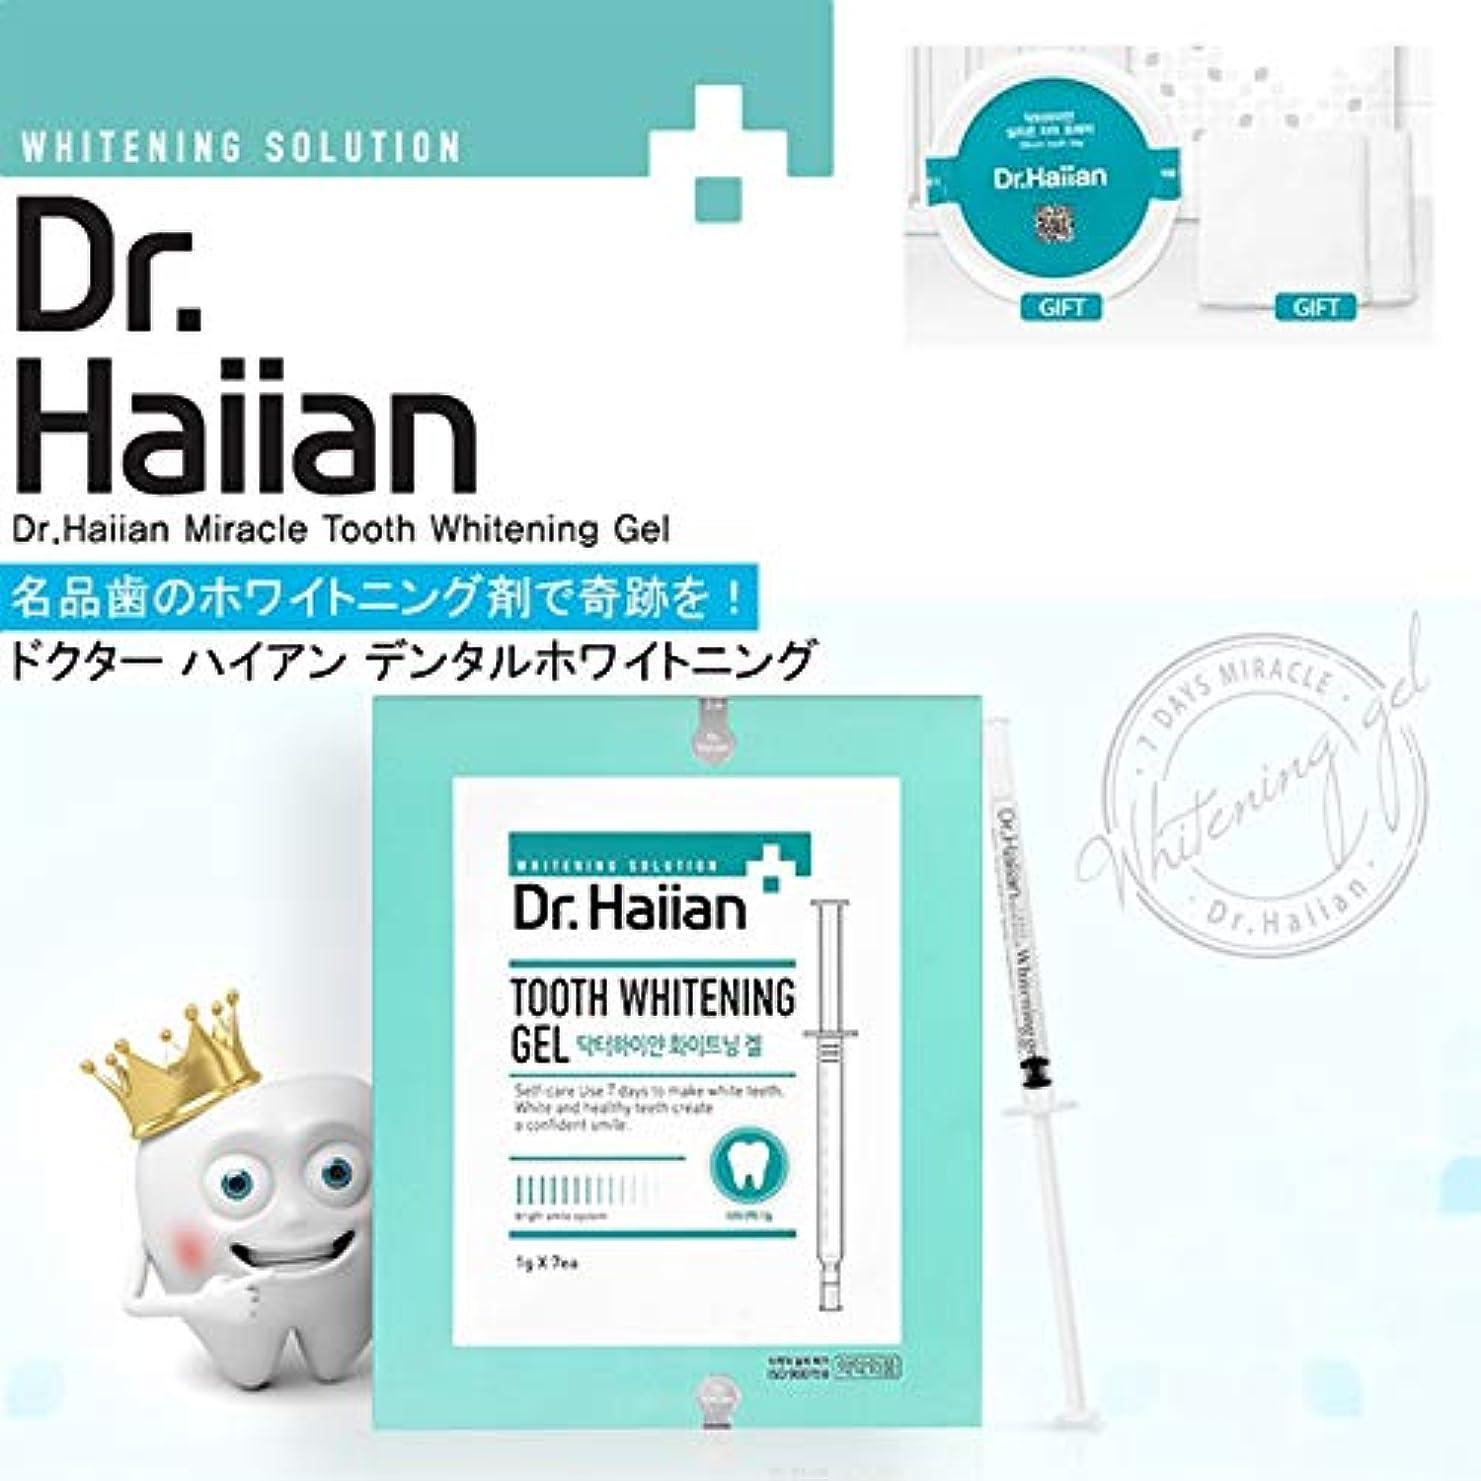 辞任する採用大混乱[SAMSUNG PHARM]Dr.Haiian 7Days Miracle/7日間の奇跡 [SAMSUNG PHARM]白い歯を管理するための/使ったら歯が白くなる!/Self-Teeth Whitening Agent...